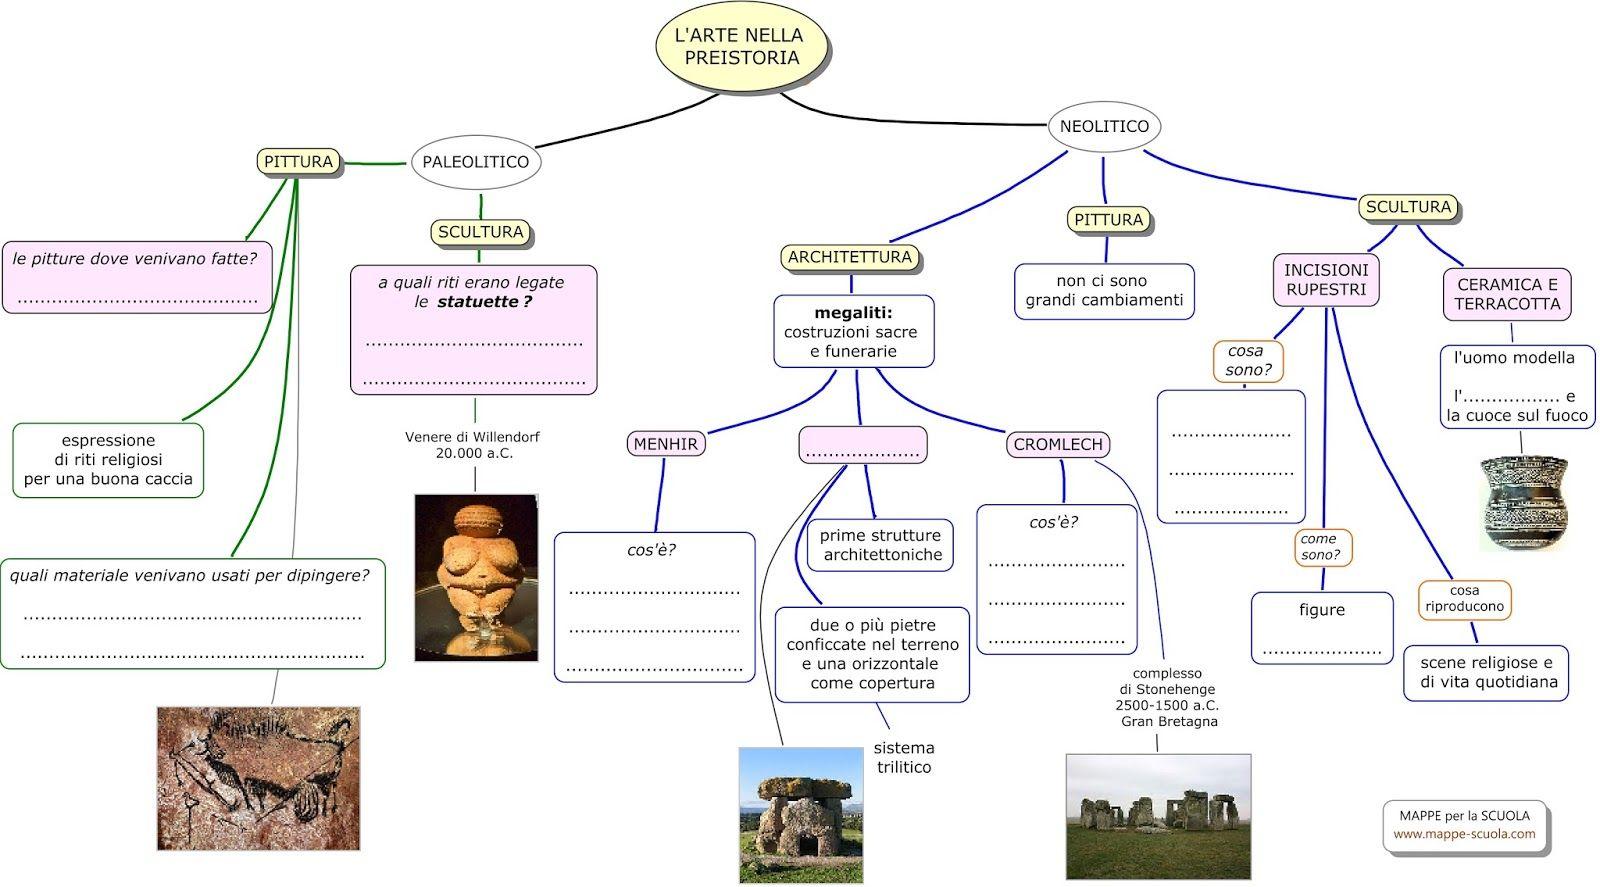 Mappe per la scuola l 39 arte nella preistoria storia - Atterrare prima del tempo caratteri ...